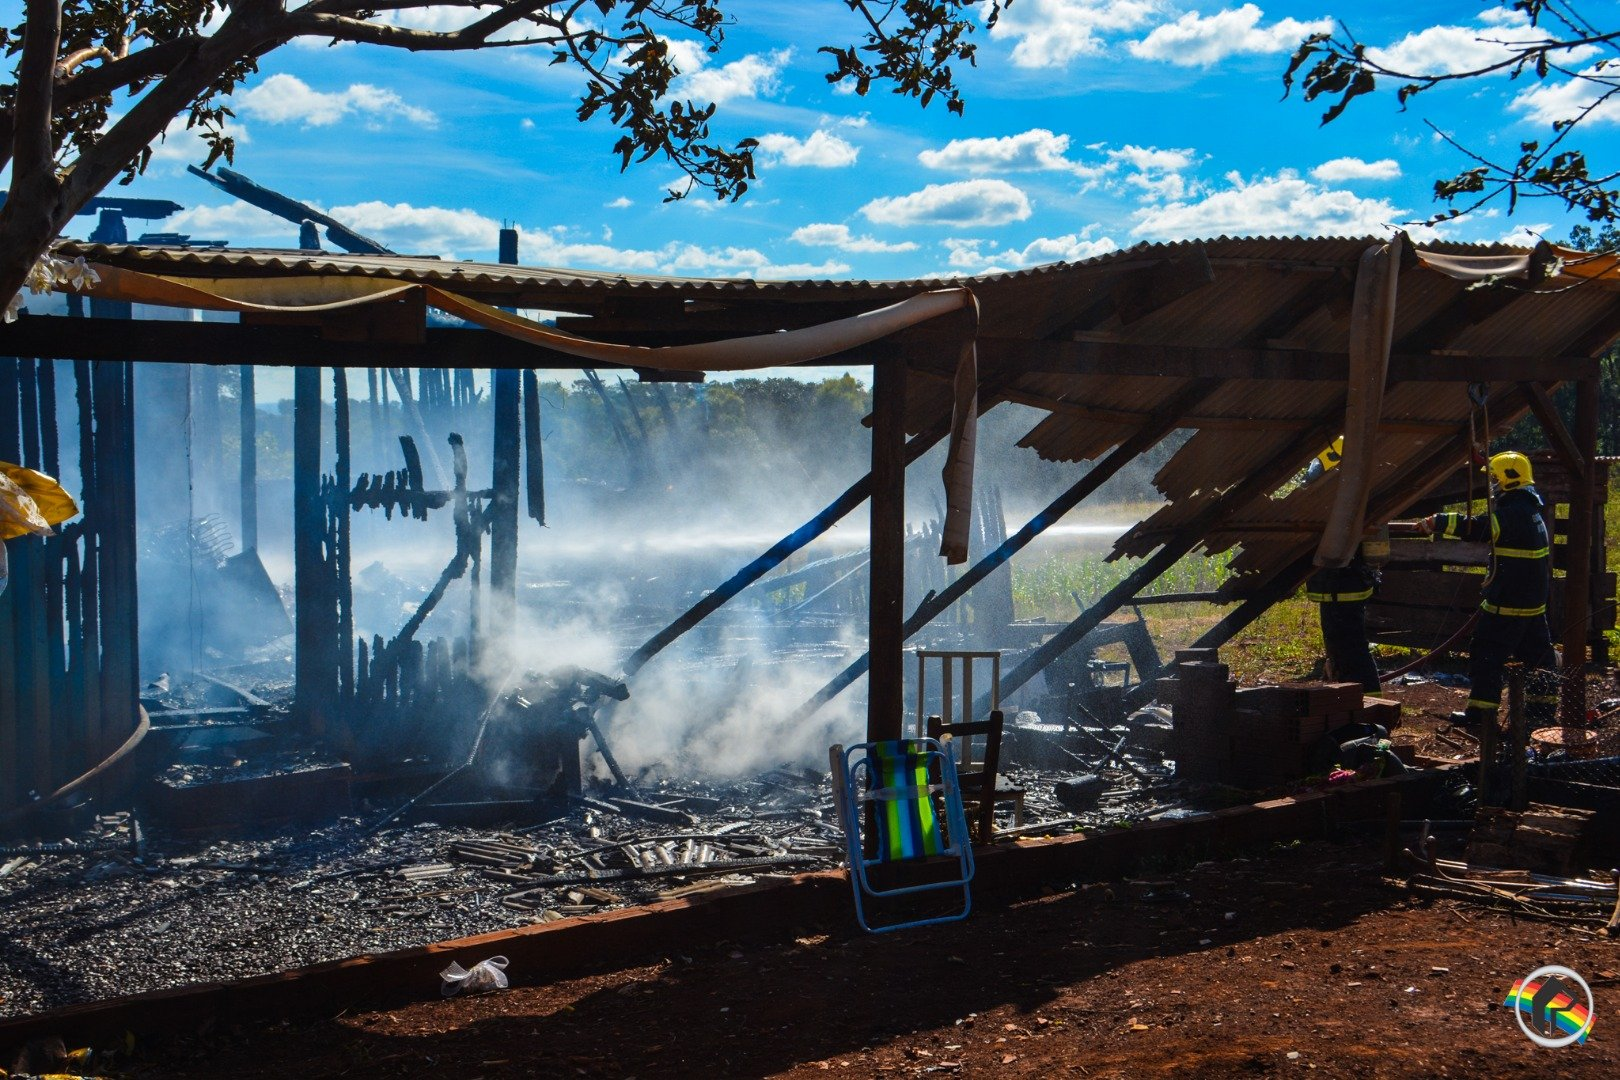 VÍDEO: Residência é totalmente destruída por incêndio no interior